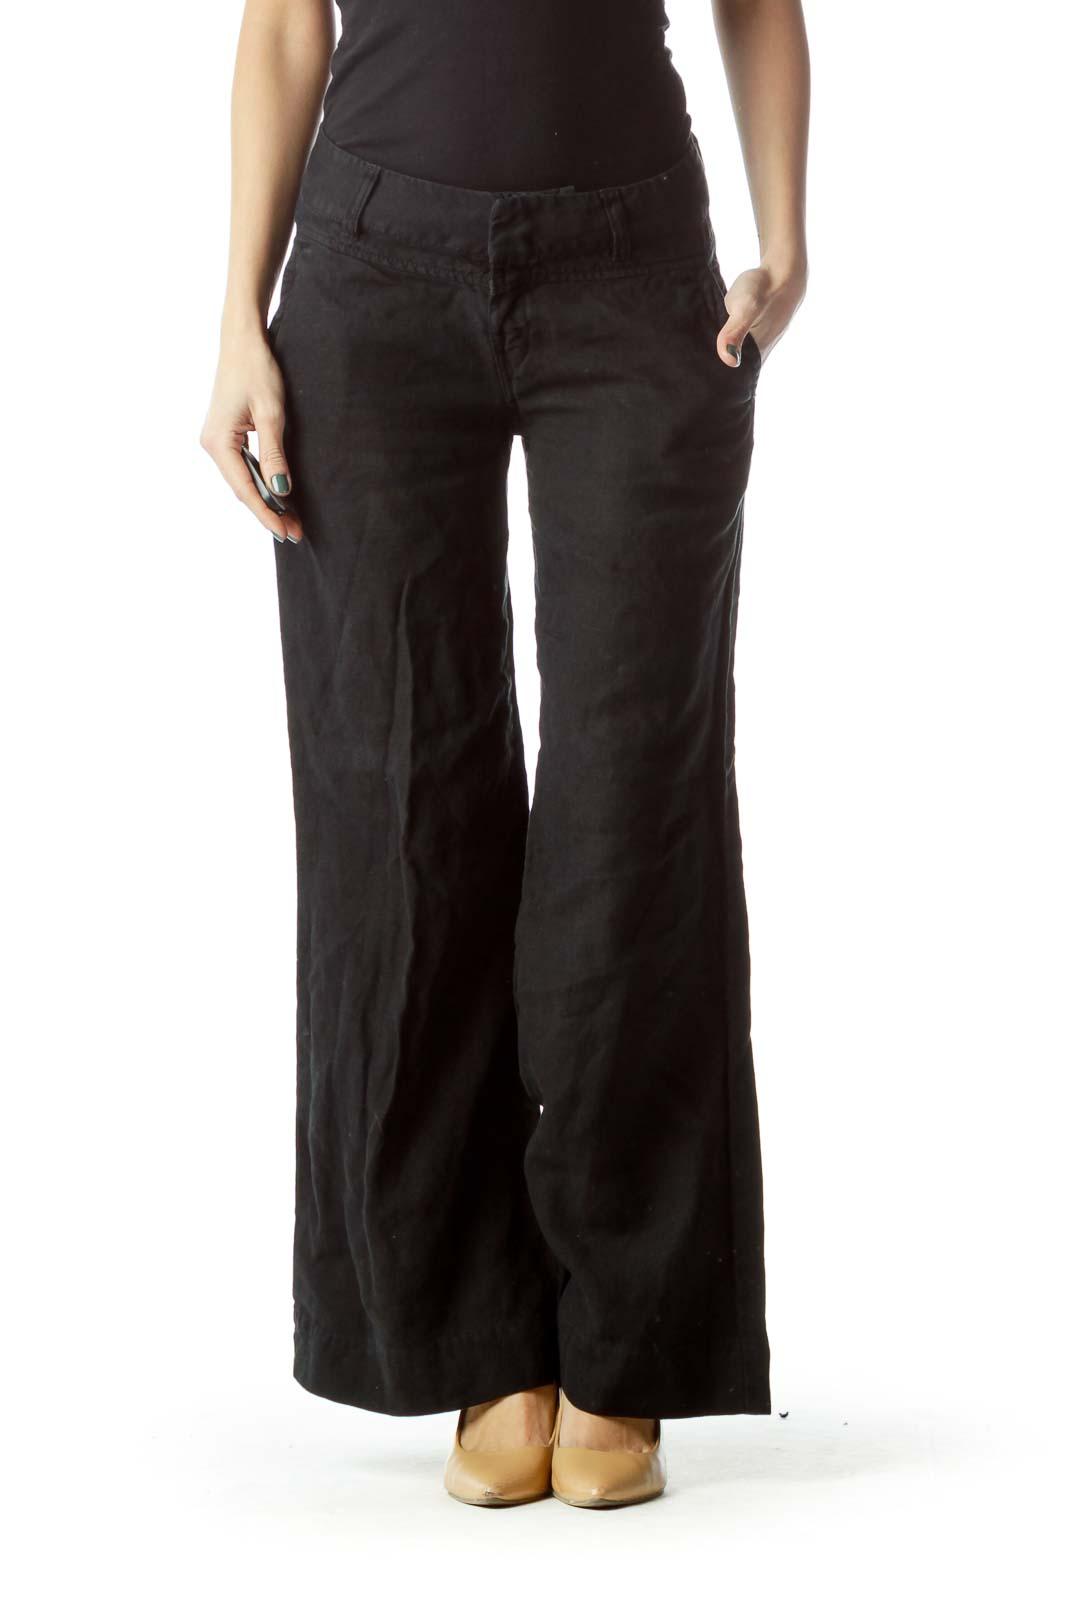 Black Wide-Leg Linen Pants Front